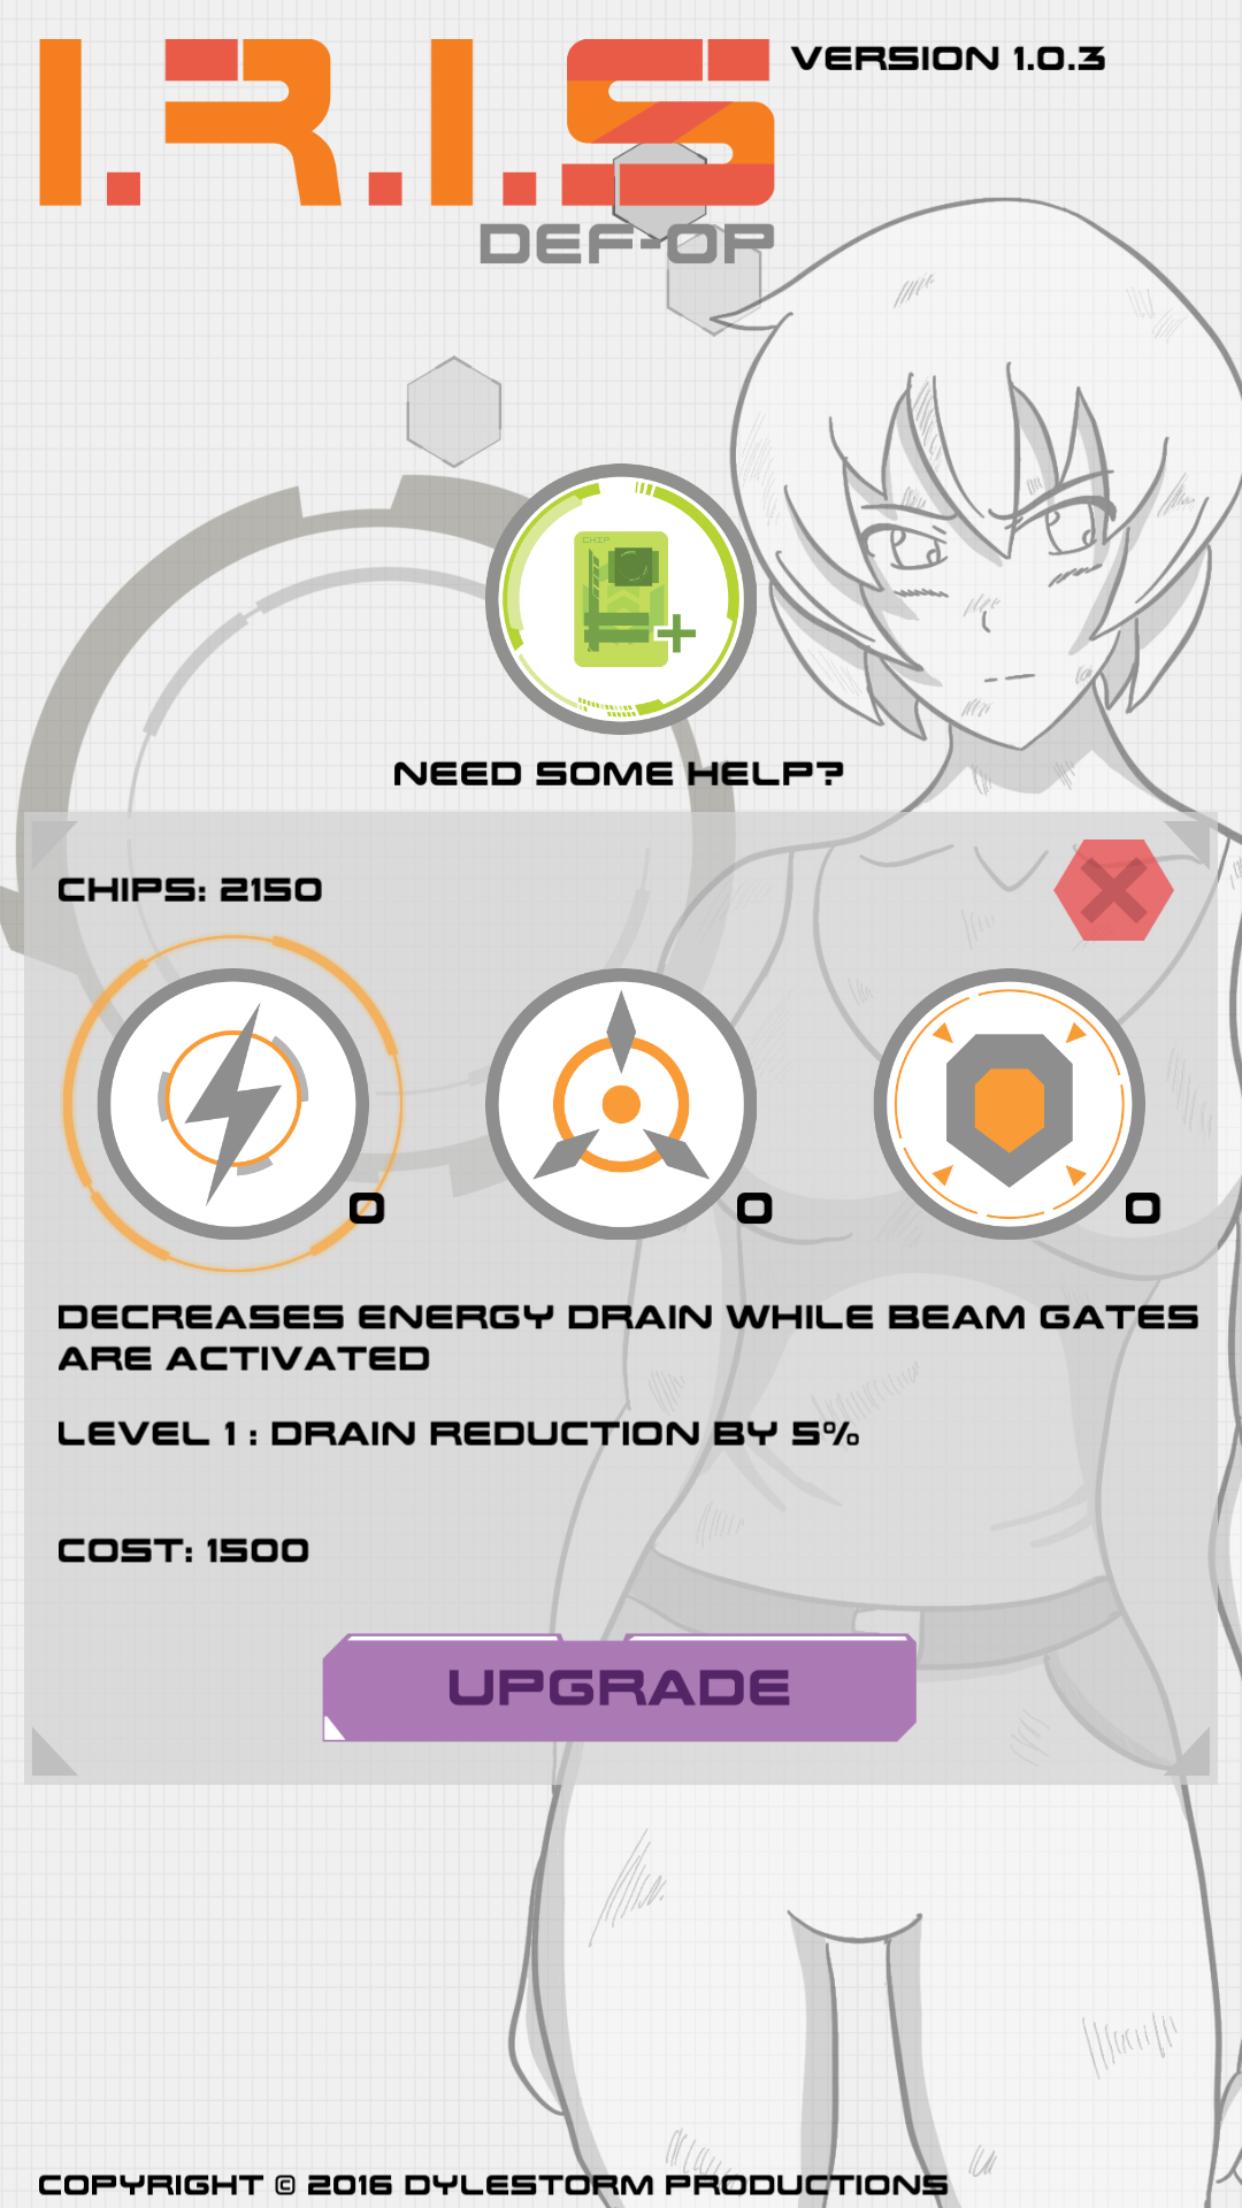 iris-defop-upgrades